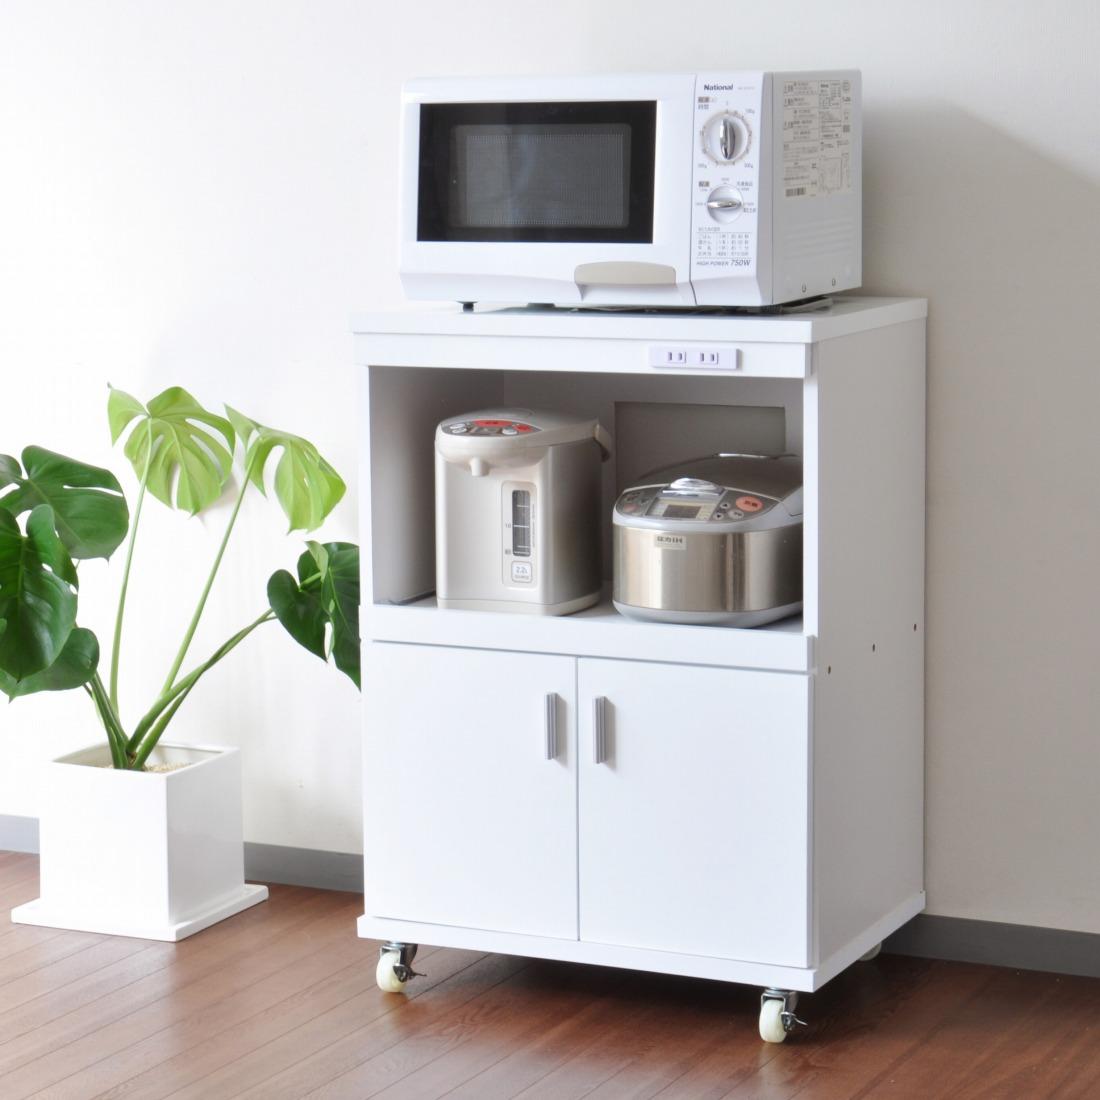 キッチンキャビネット ルミナーレ HN-9060RE(代引き不可)【送料無料】